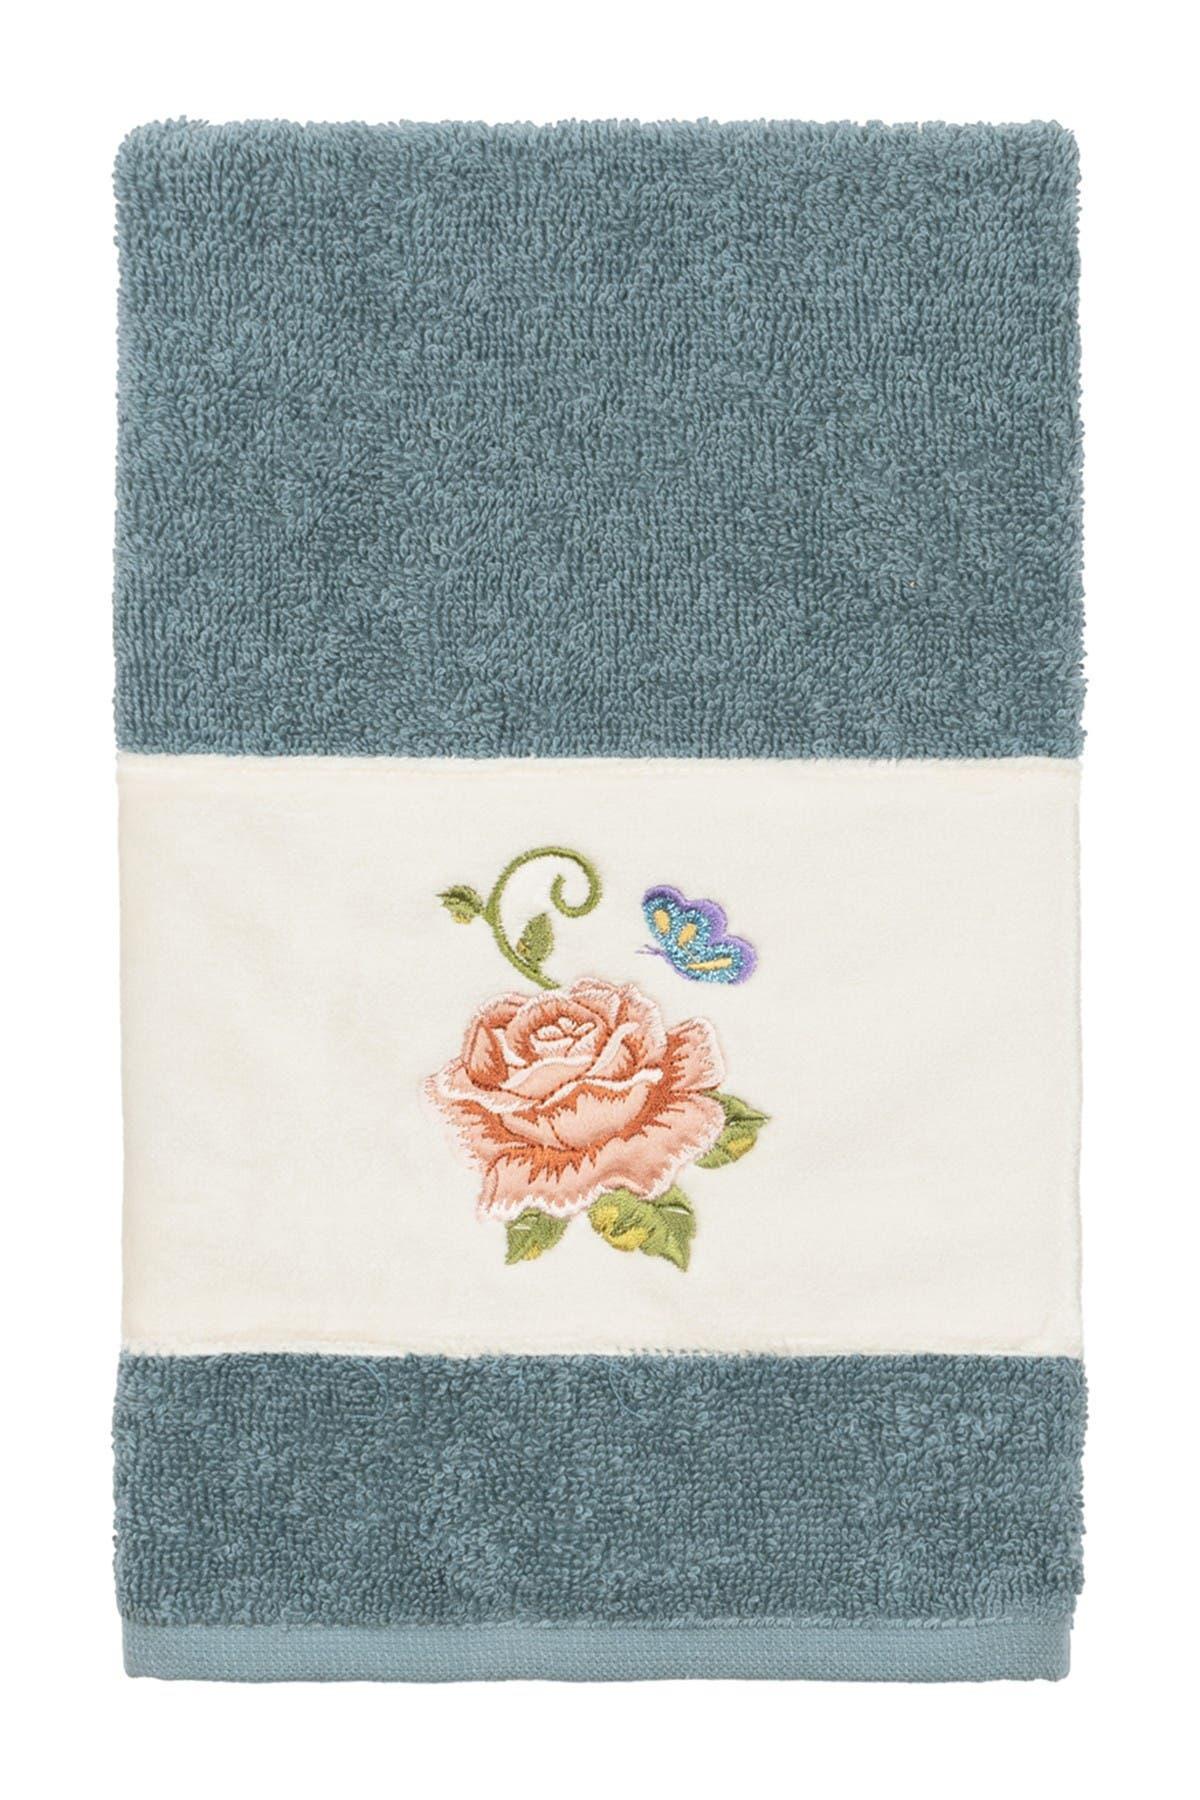 Image of LINUM HOME Teal Rebecca Embellished Hand Towel